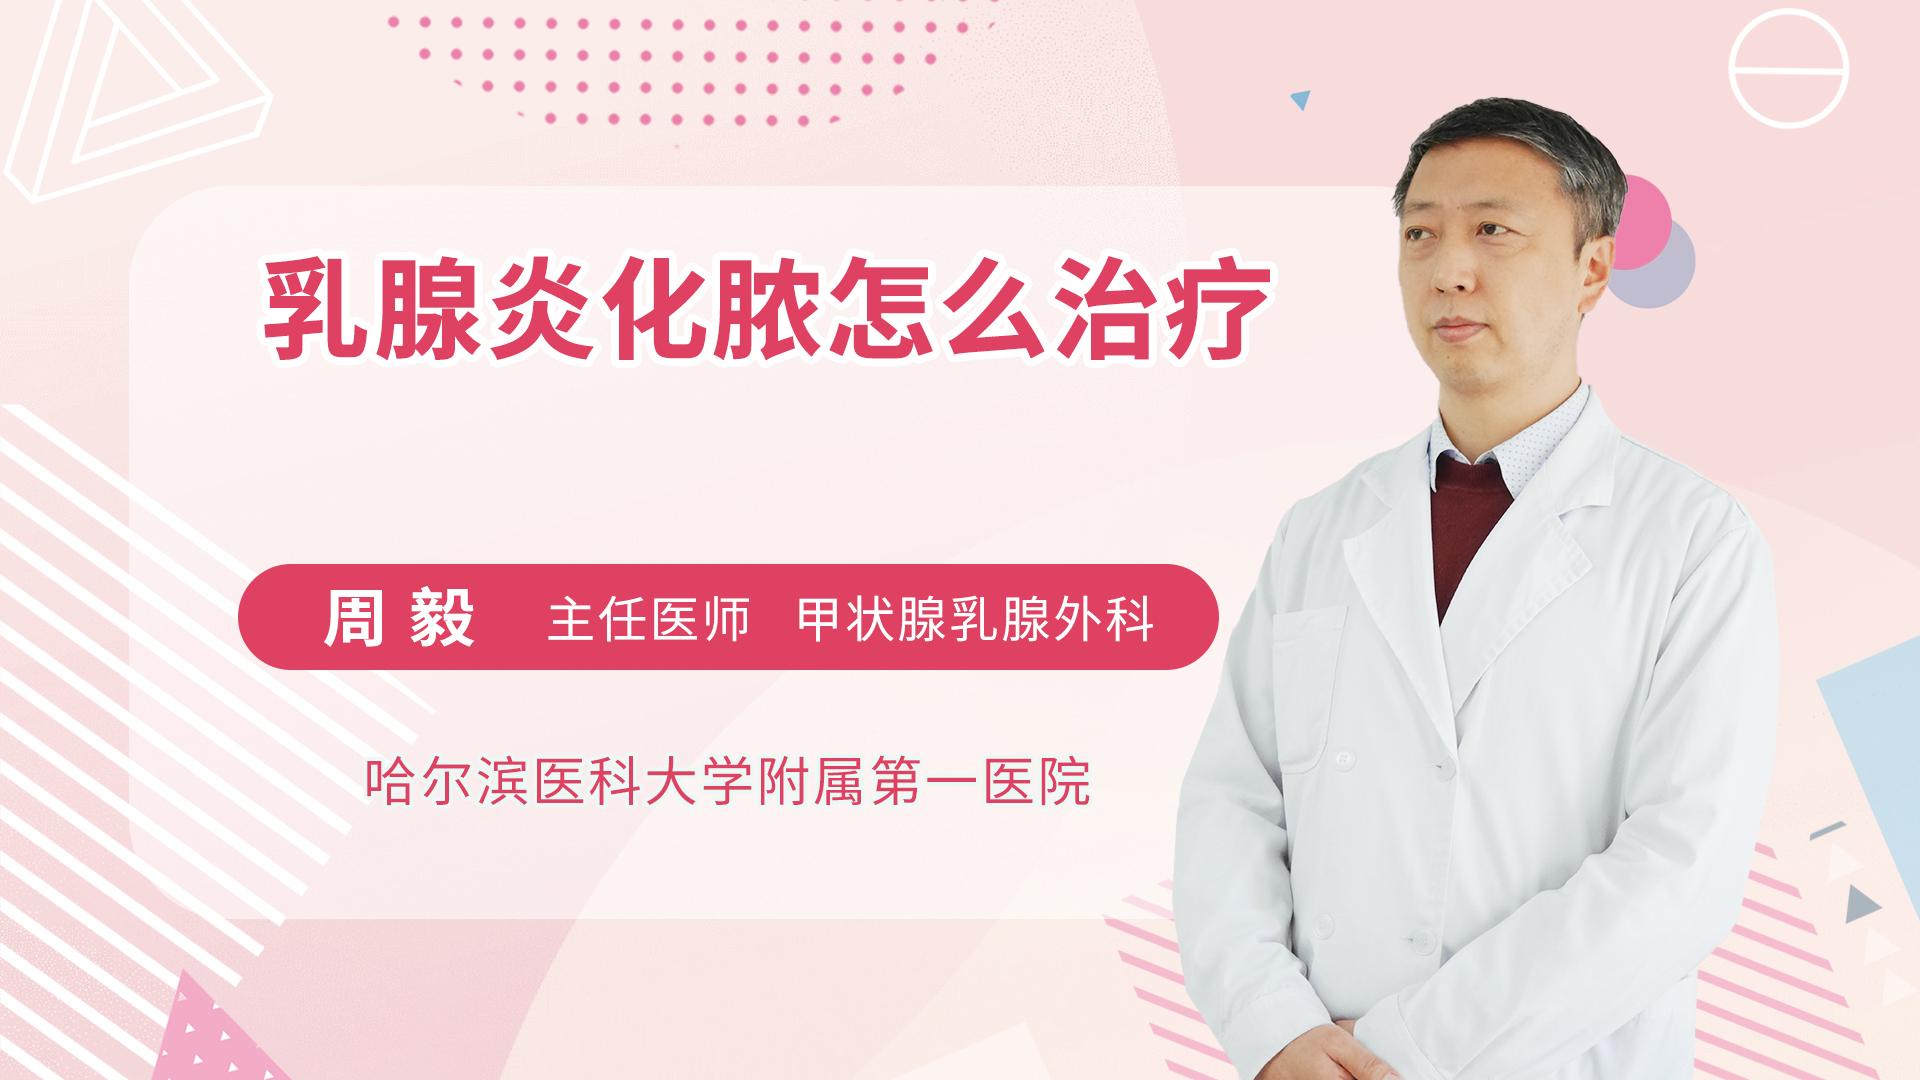 乳腺炎化脓怎么治疗